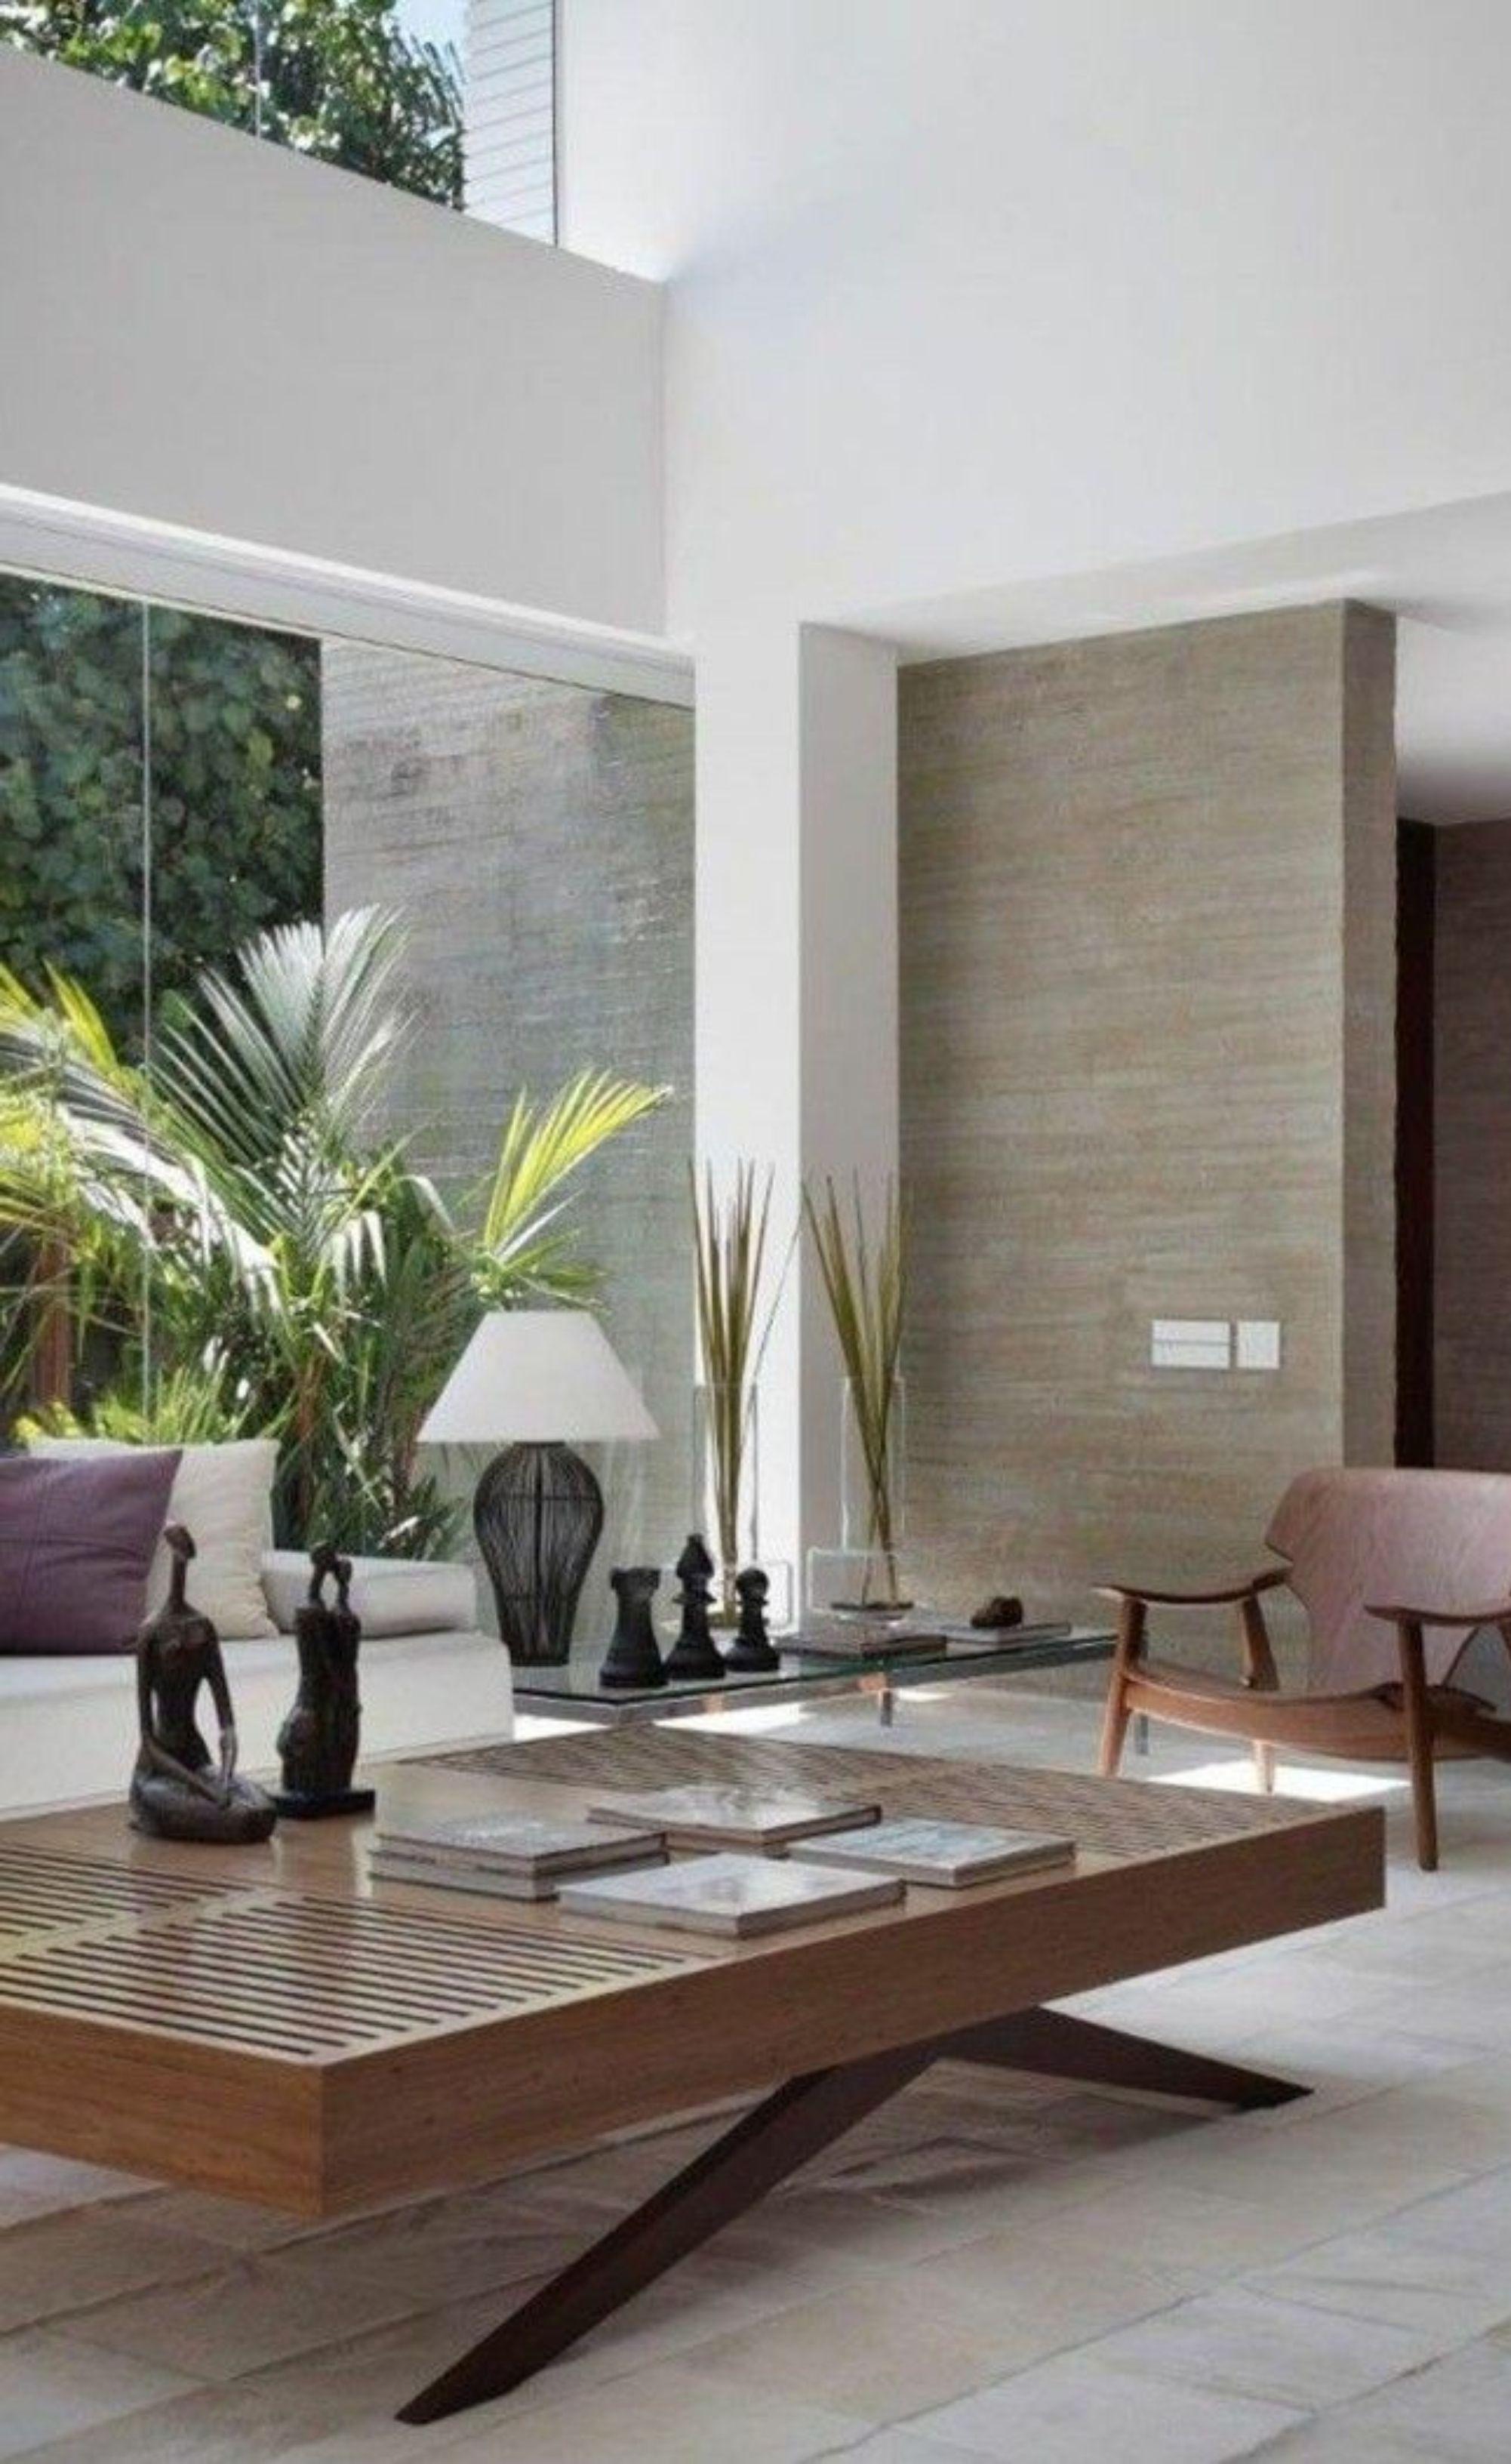 Decoration Salon Zen Photo Épinglé par eve chegaray sur contemporain en 2020 | deco